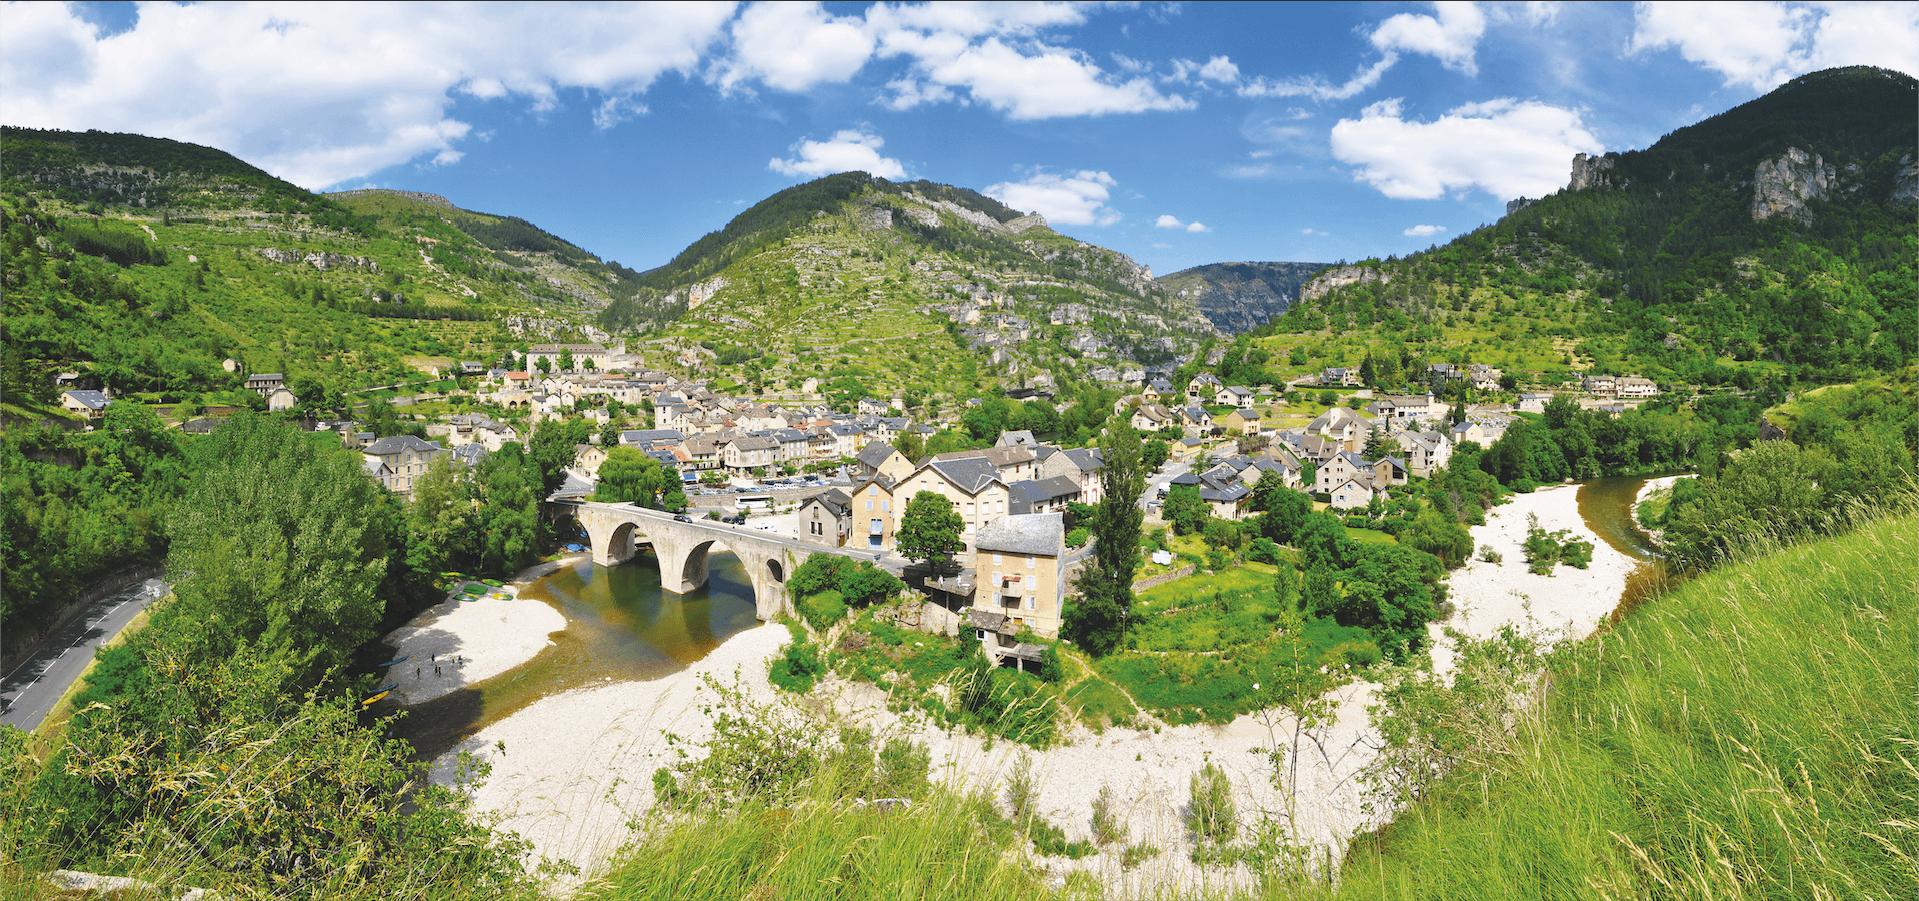 Habiter un espace de faible densité : le village de Saint‑Enimie en Lozère